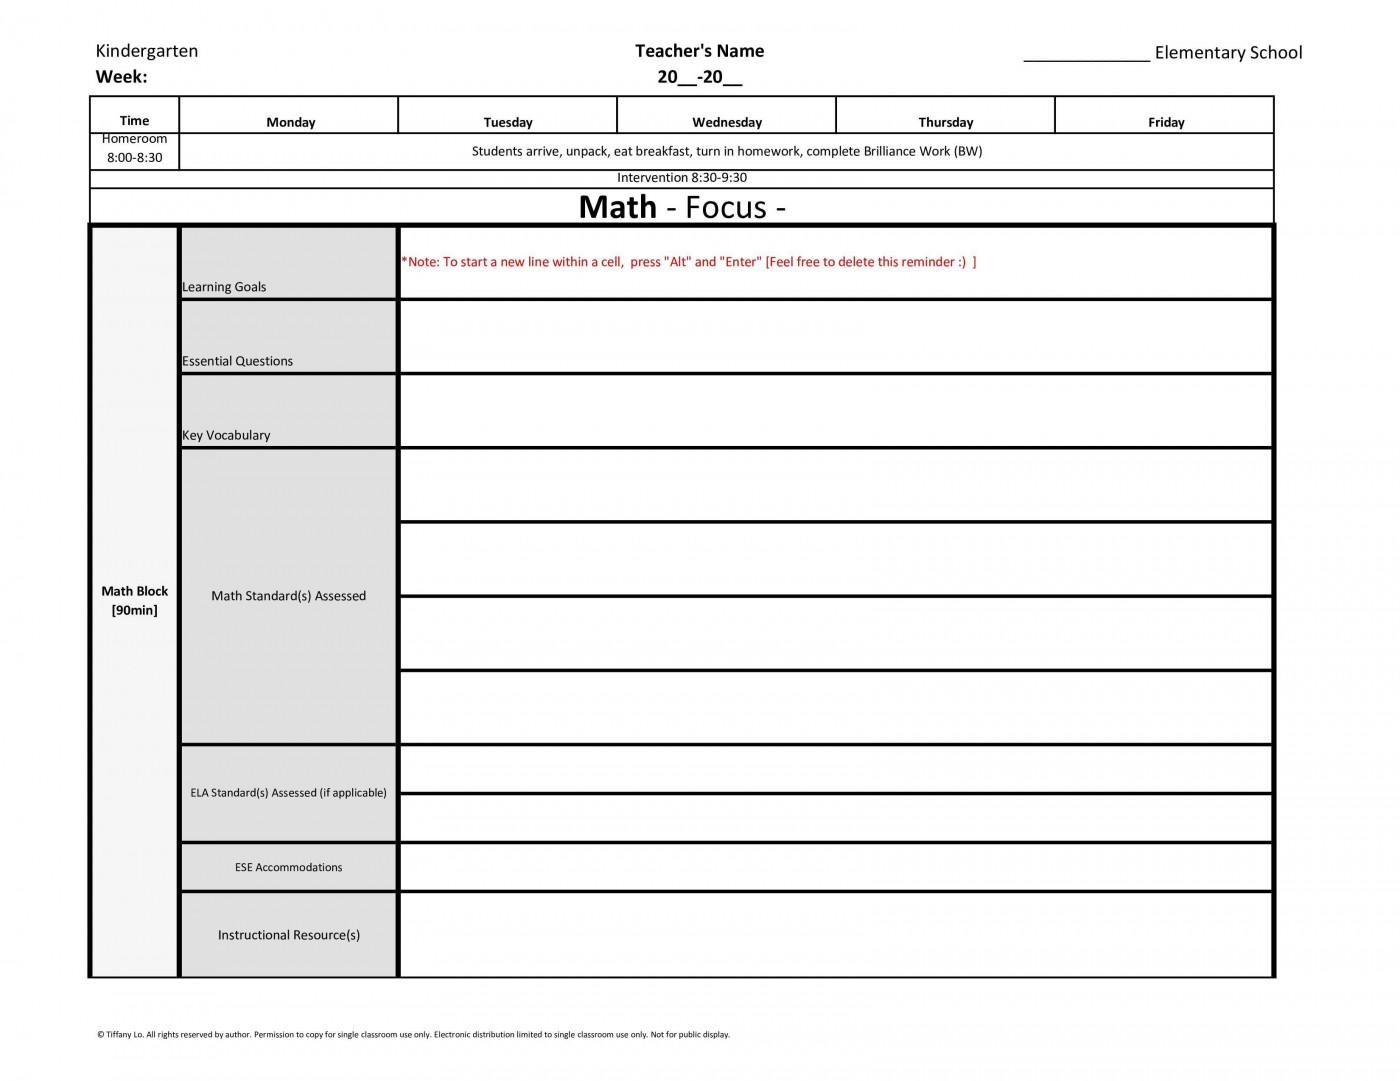 002 Impressive Lesson Plan Template For Kindergarten Common Core Photo 1400